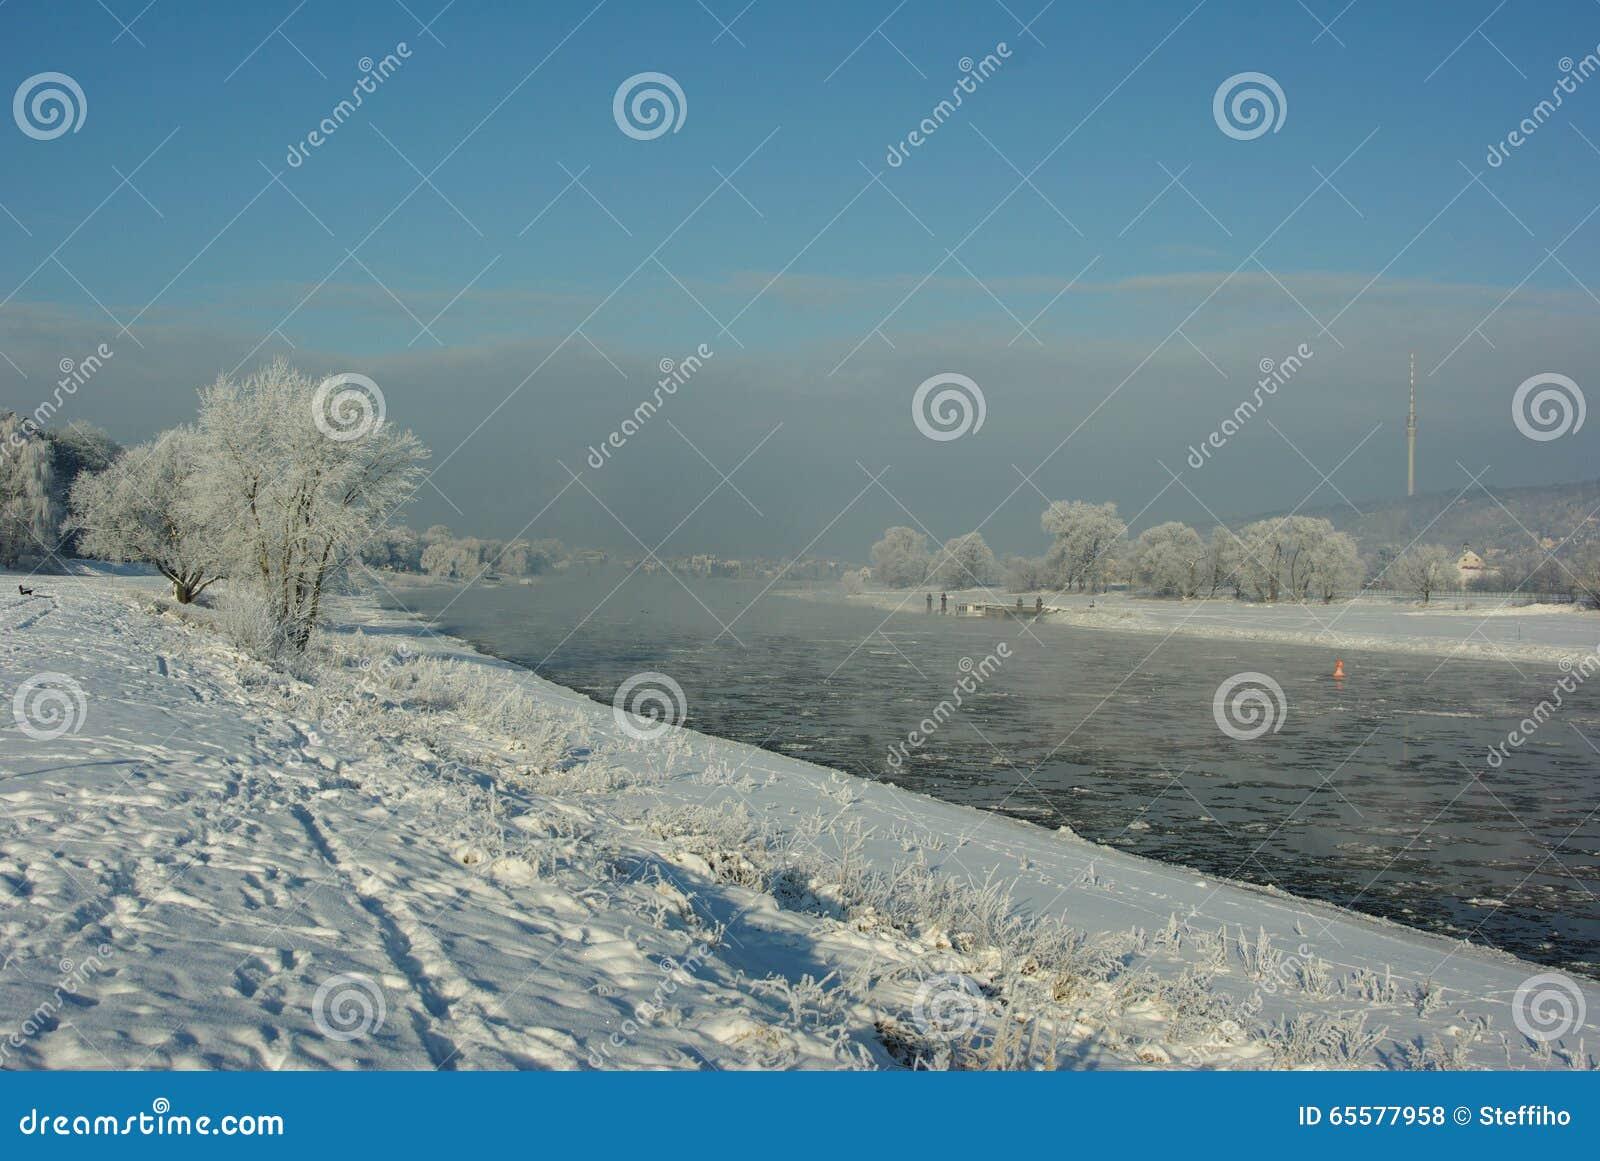 Floes de gelo no rio Elbe